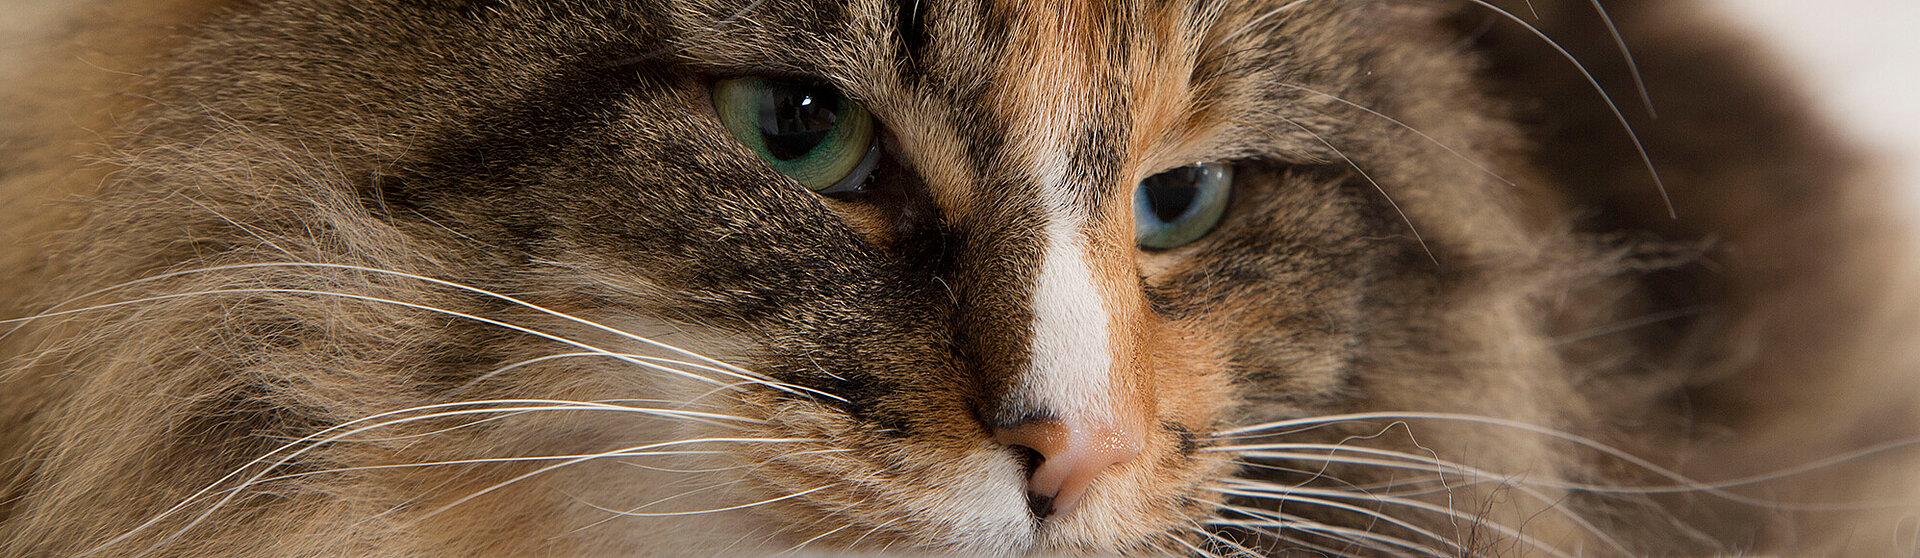 Getigerte Katze mit einem starken Immunsystem.